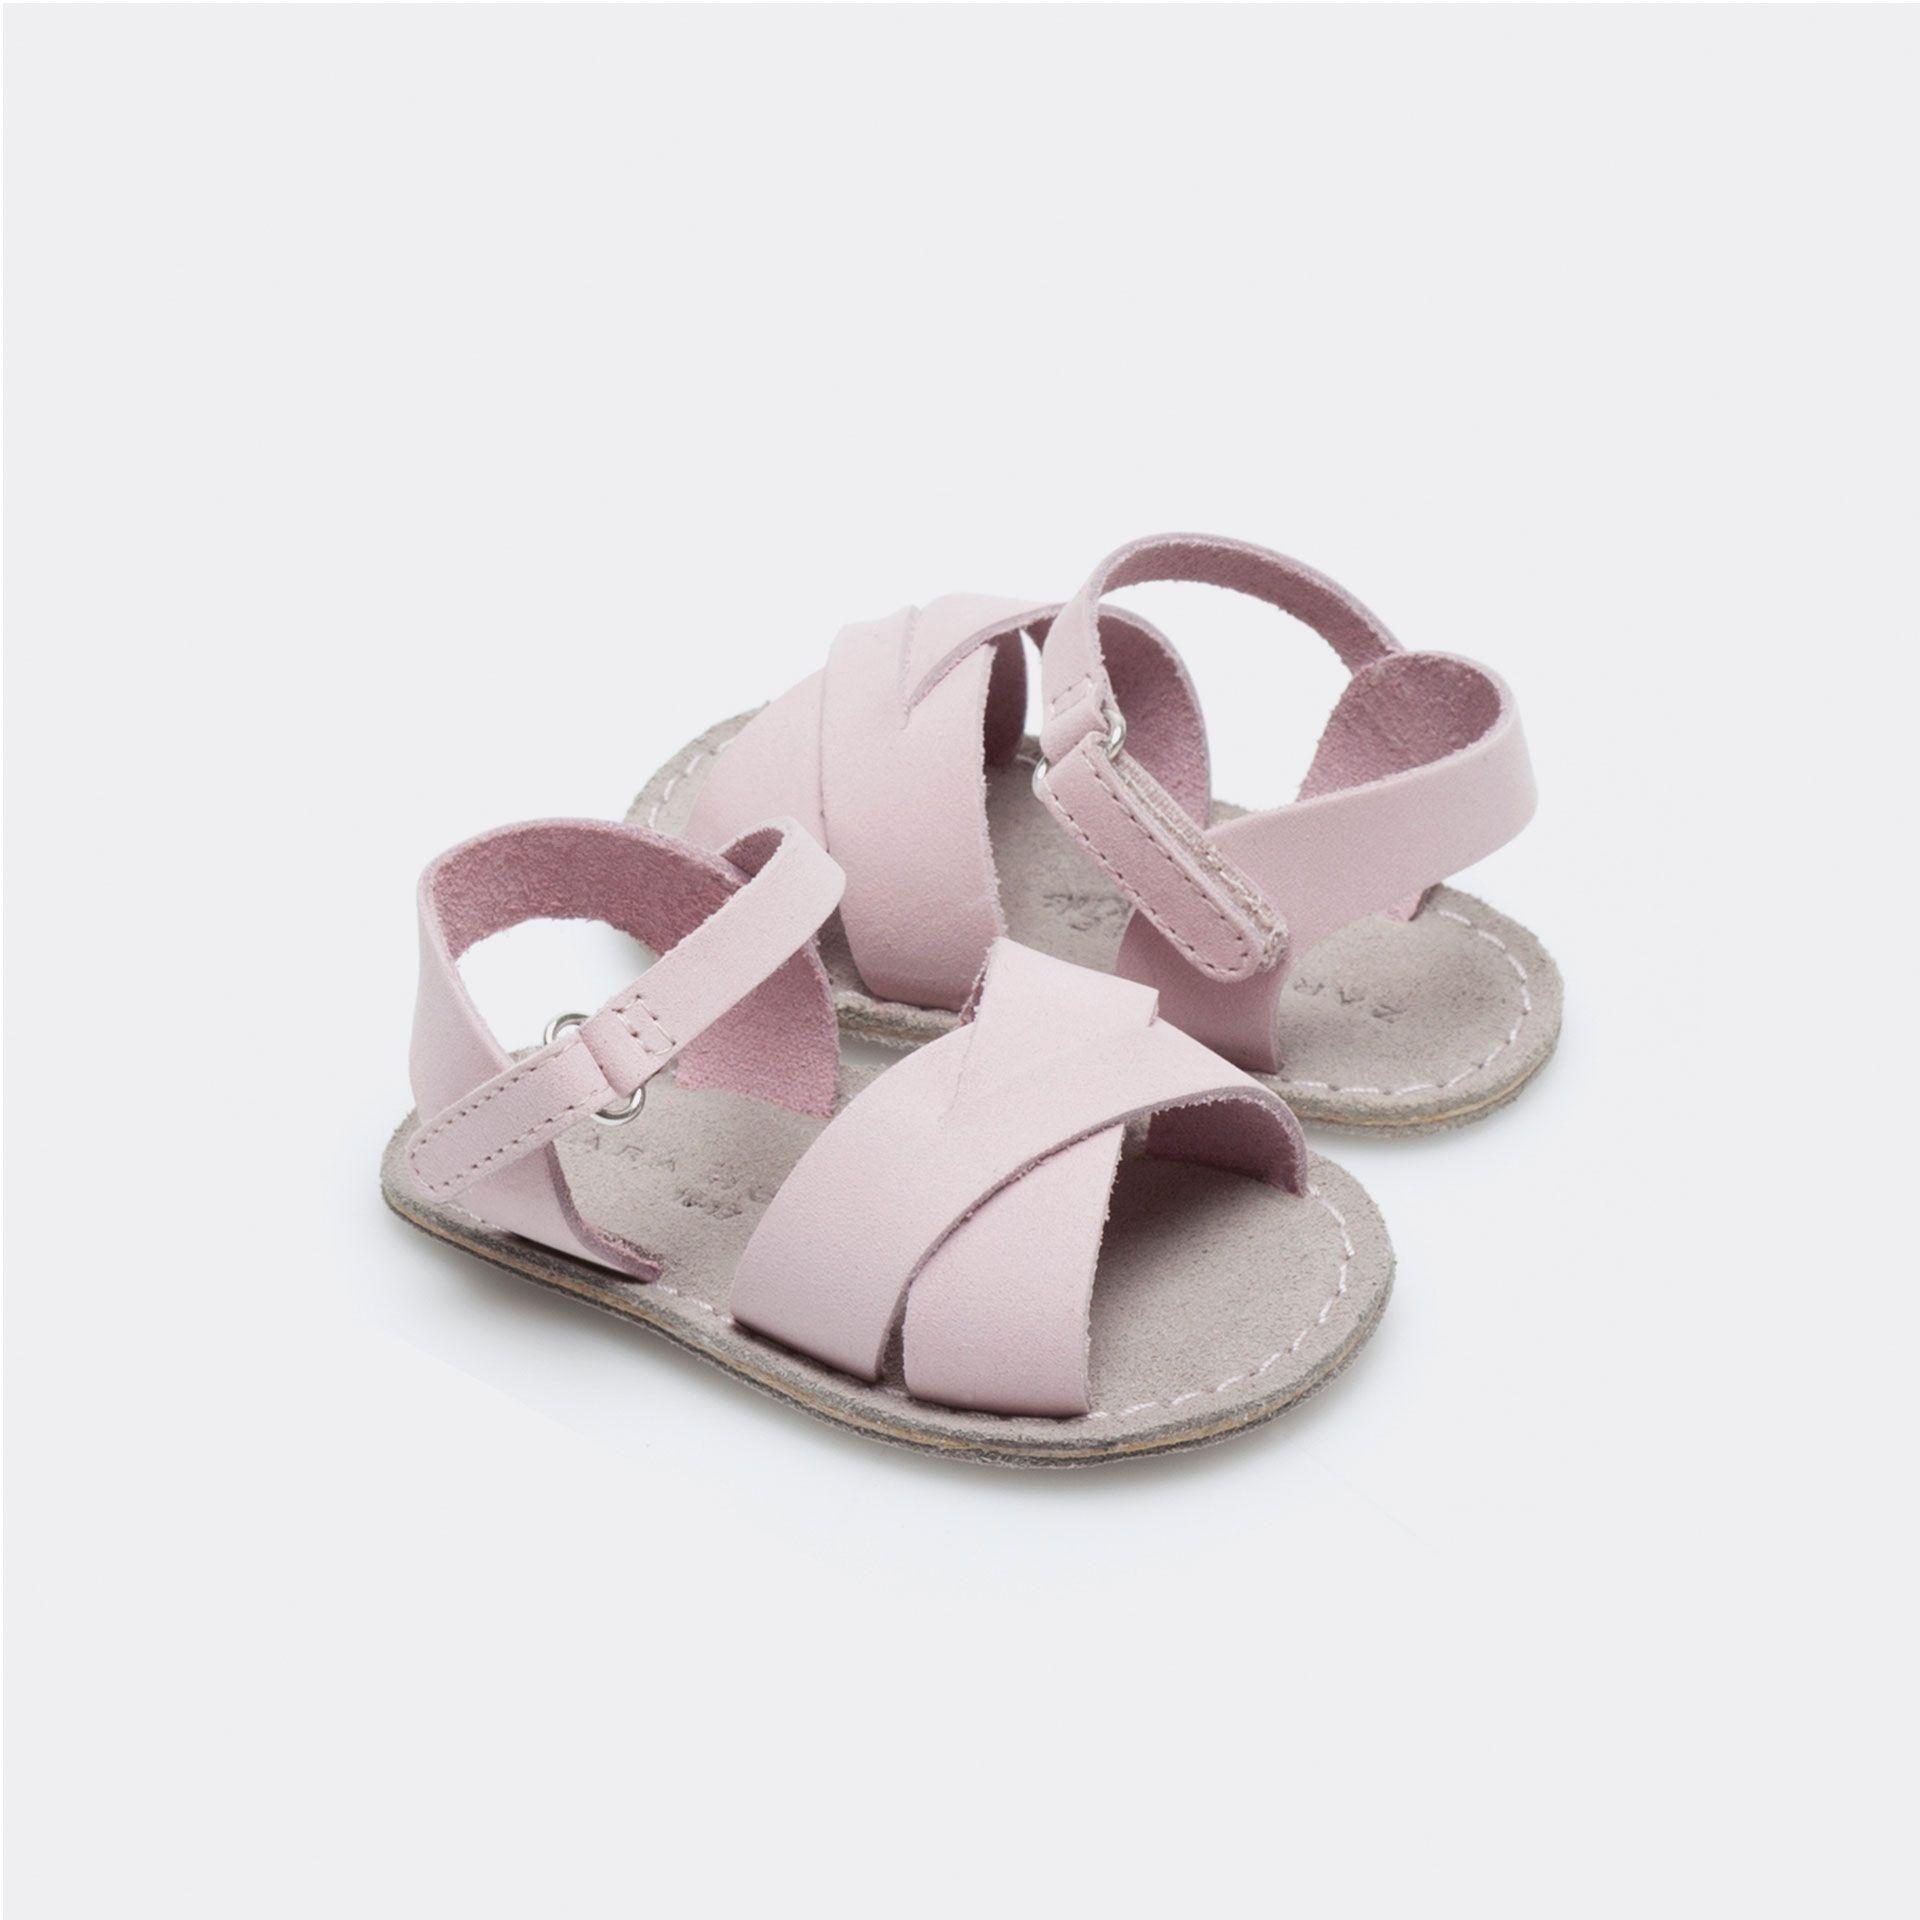 Peuco Sandalia Niña Esta Semana Novedades Zara Home España Zapatos Para Bebe Niña Sandalias Para Niñas Zara Home